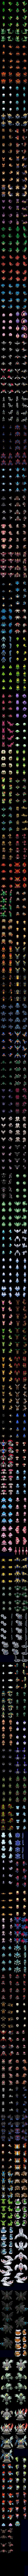 All Gen 5 Overwolrd-sprites (ripped)